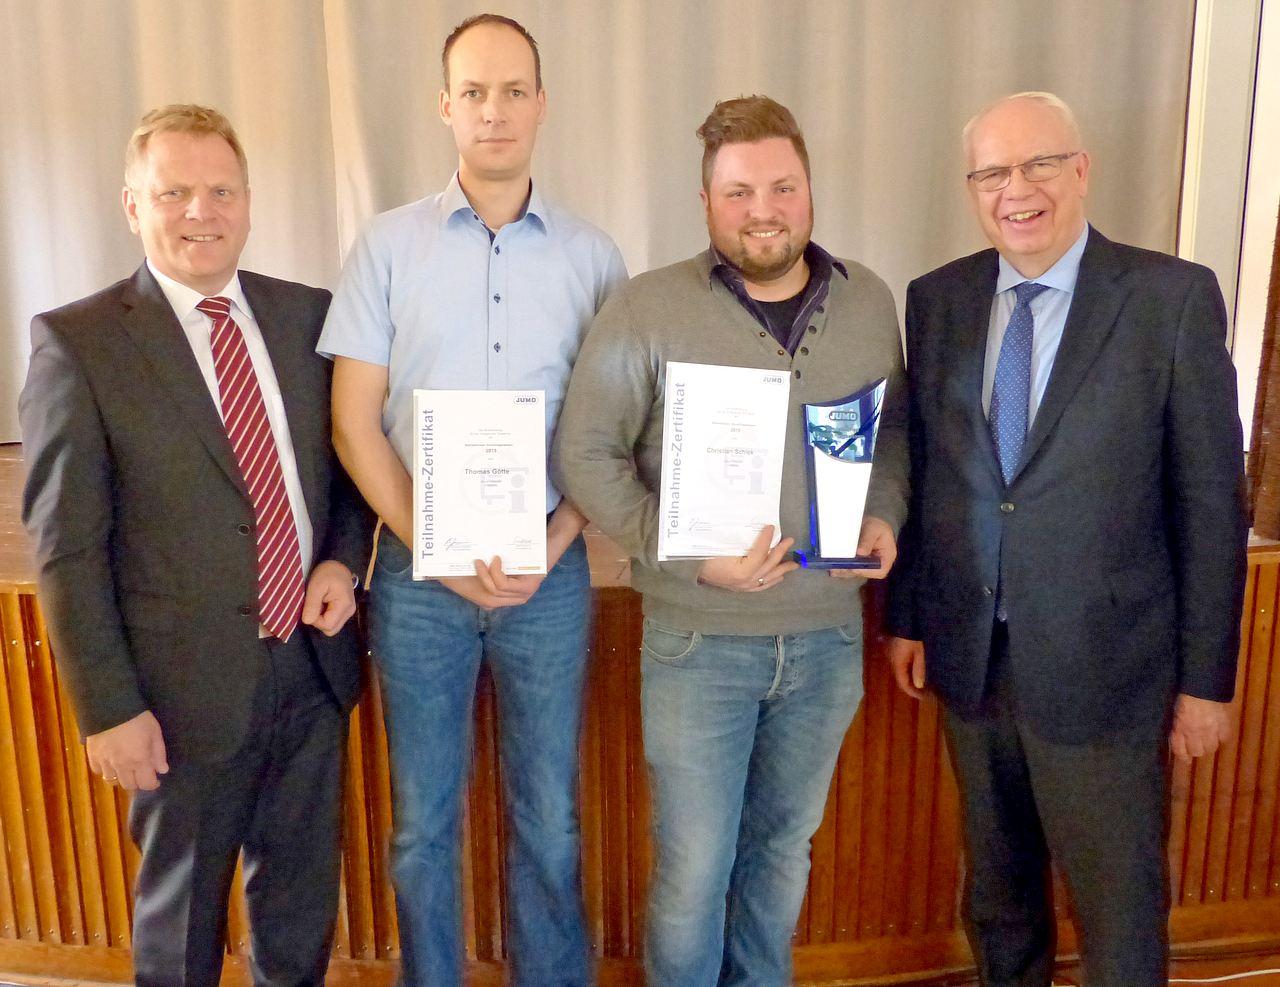 Durch den Verbesserungsvorschlag von Thomas Götte (zweiter von links) und Christian Schiek (dritter von links) konnten 25.000 Euro eingespart werden. Für diese Leistung wurden sie von Personalleiter Ralf Metschief (links) und JUMO-Geschäftsführer Bernhard Juchheim (rechts) ausgezeichnet.